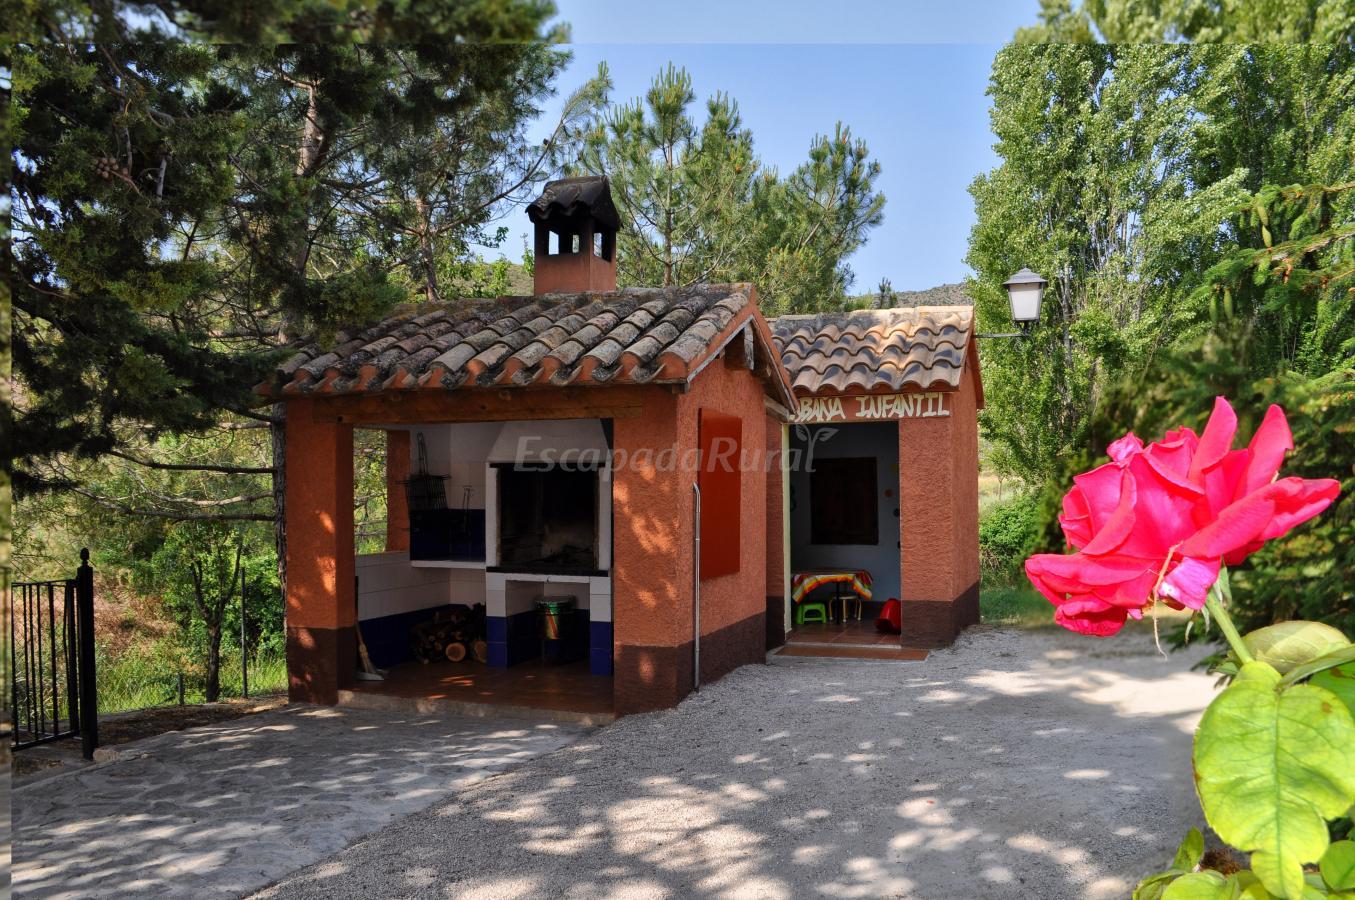 Fotos de casas rurales el salero casa rural en moratalla - Fotos casas rurales ...